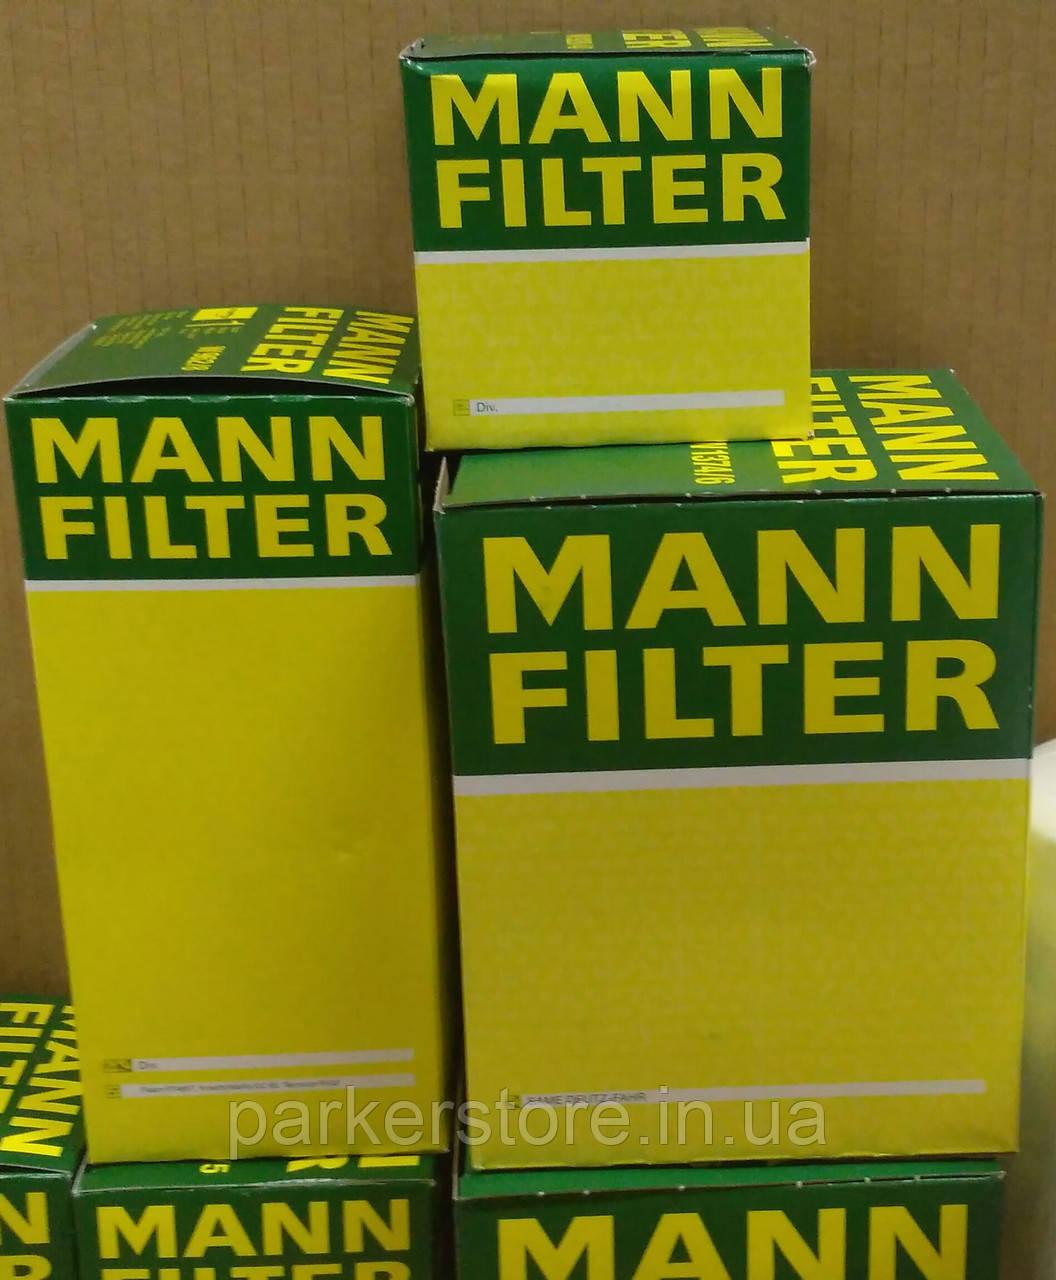 MANN FILTER / Воздушный фильтр / C 149 / C149